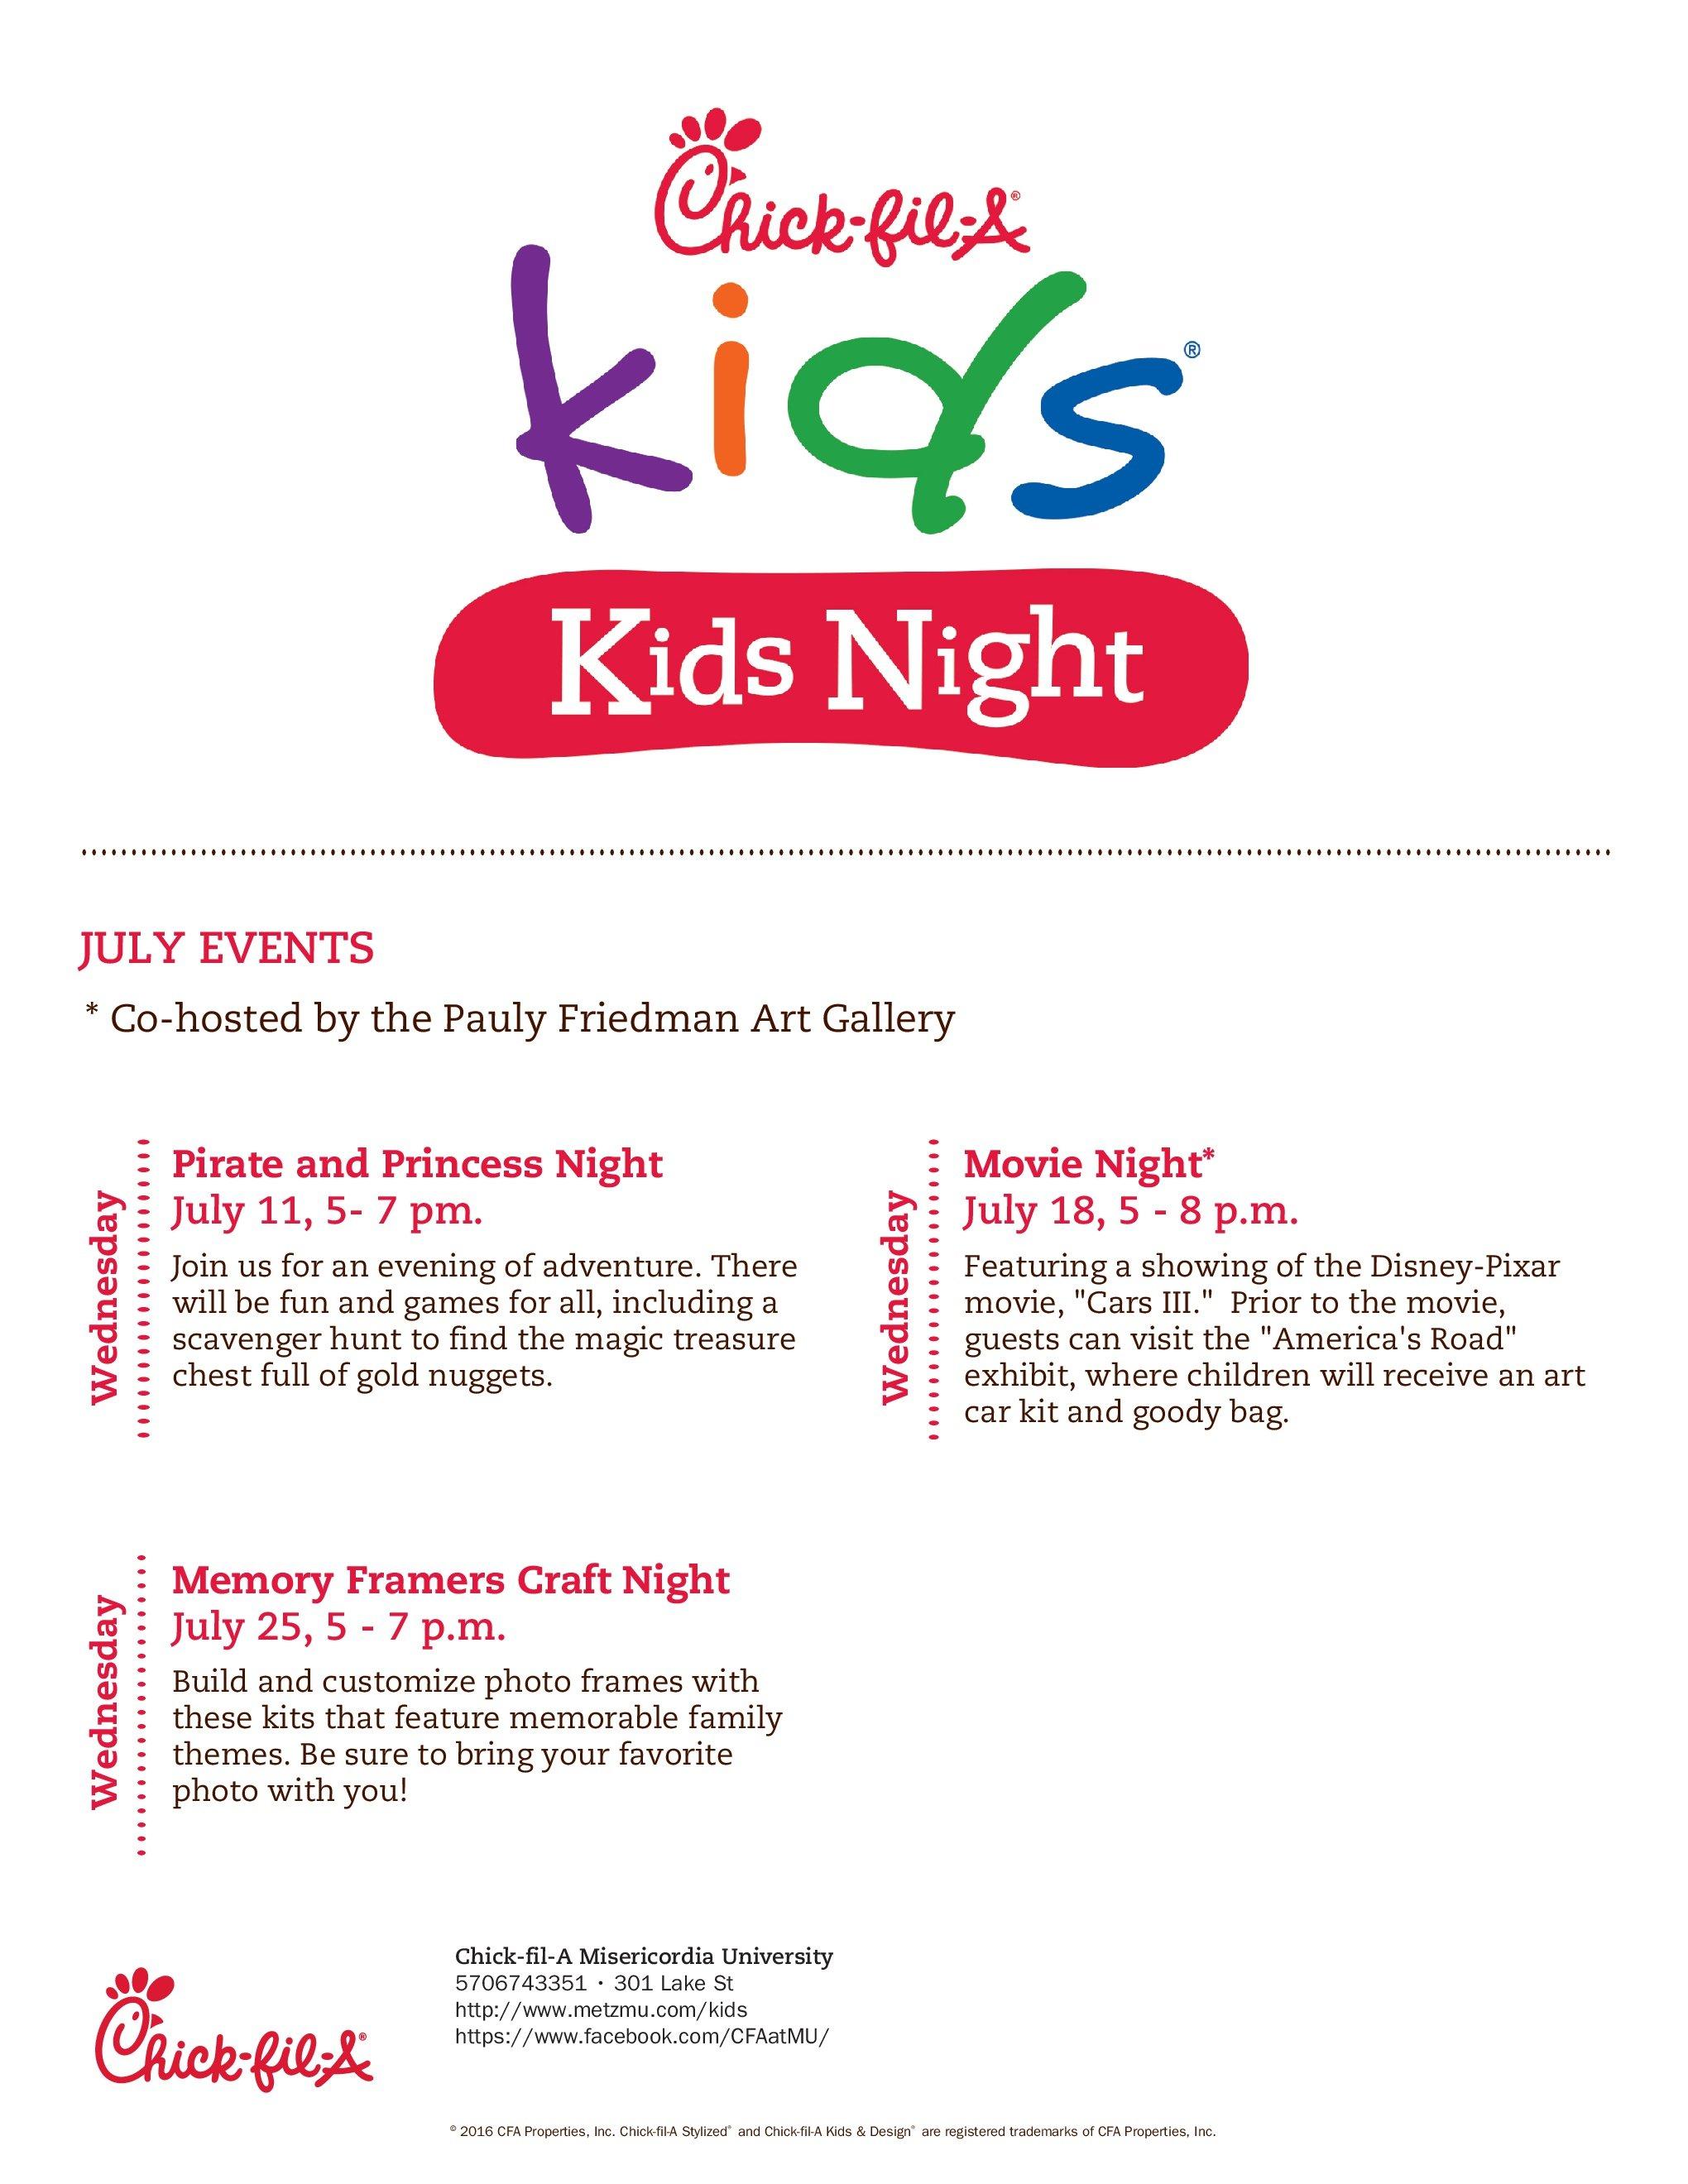 Princess and Pirate Night at Chick-fil-A | Macaroni Kid